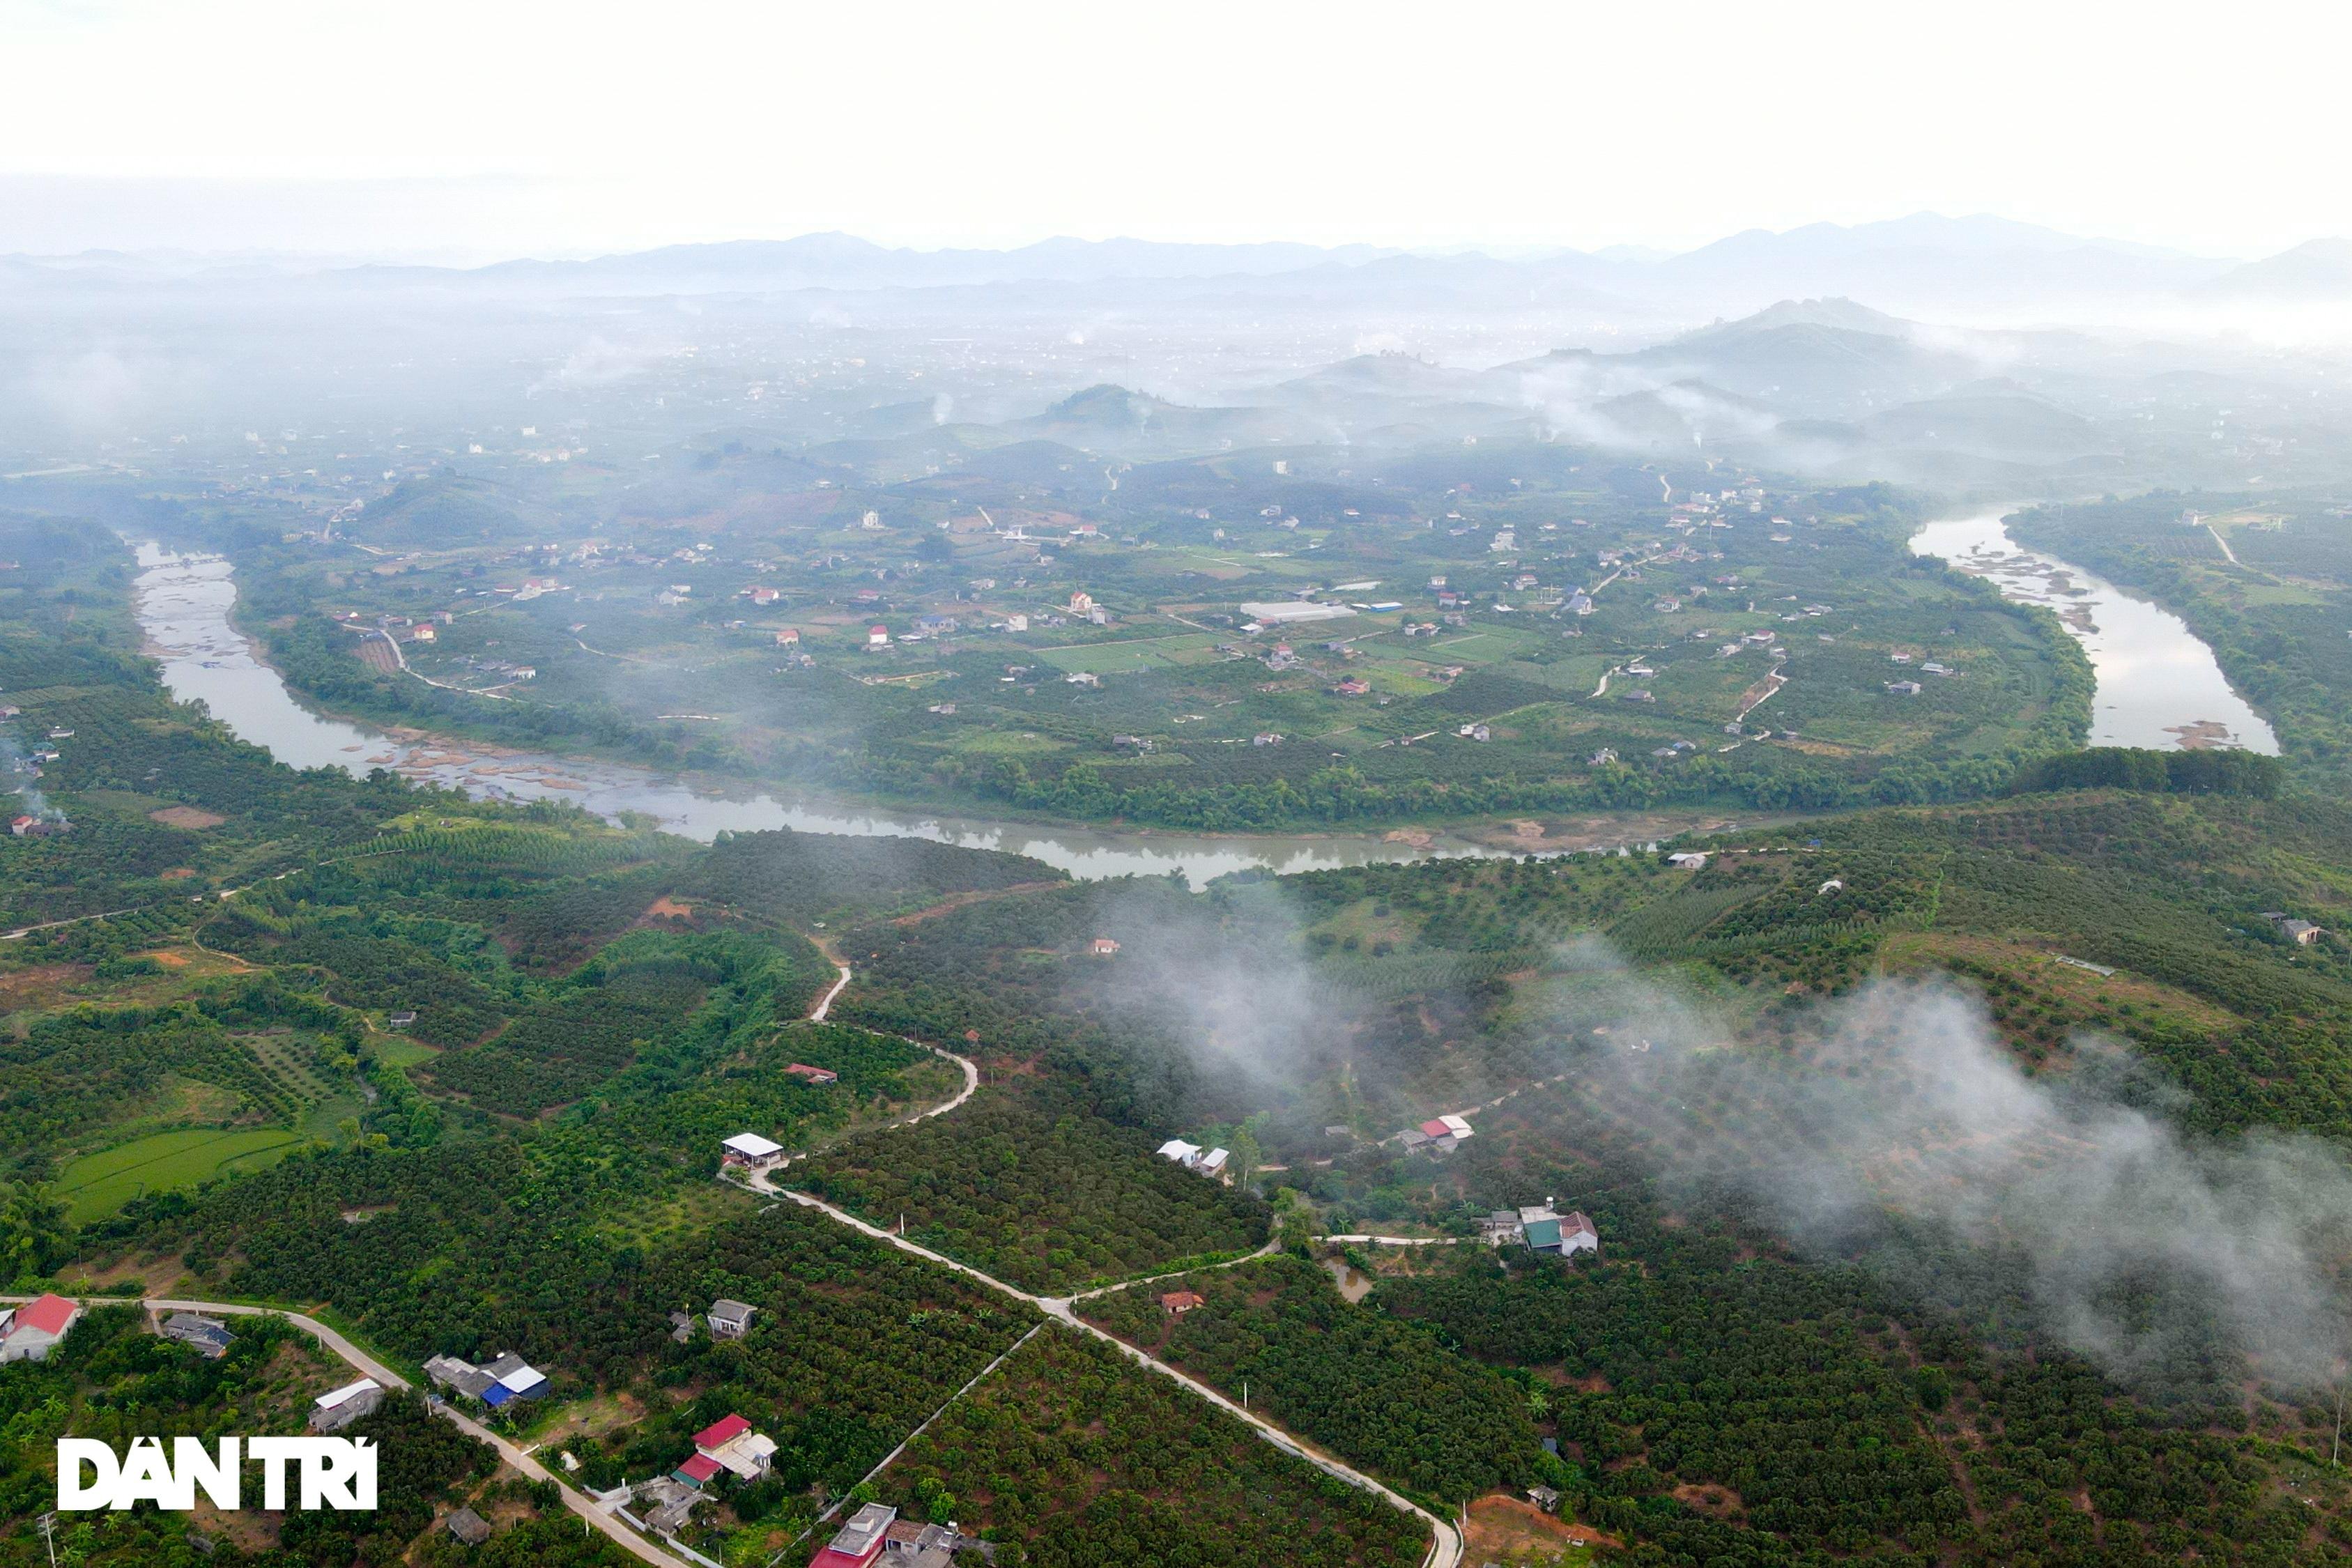 Bắc Giang: Xe chở vải thiều nối đuôi nhau dài hàng cây số ra các trạm cân - 1